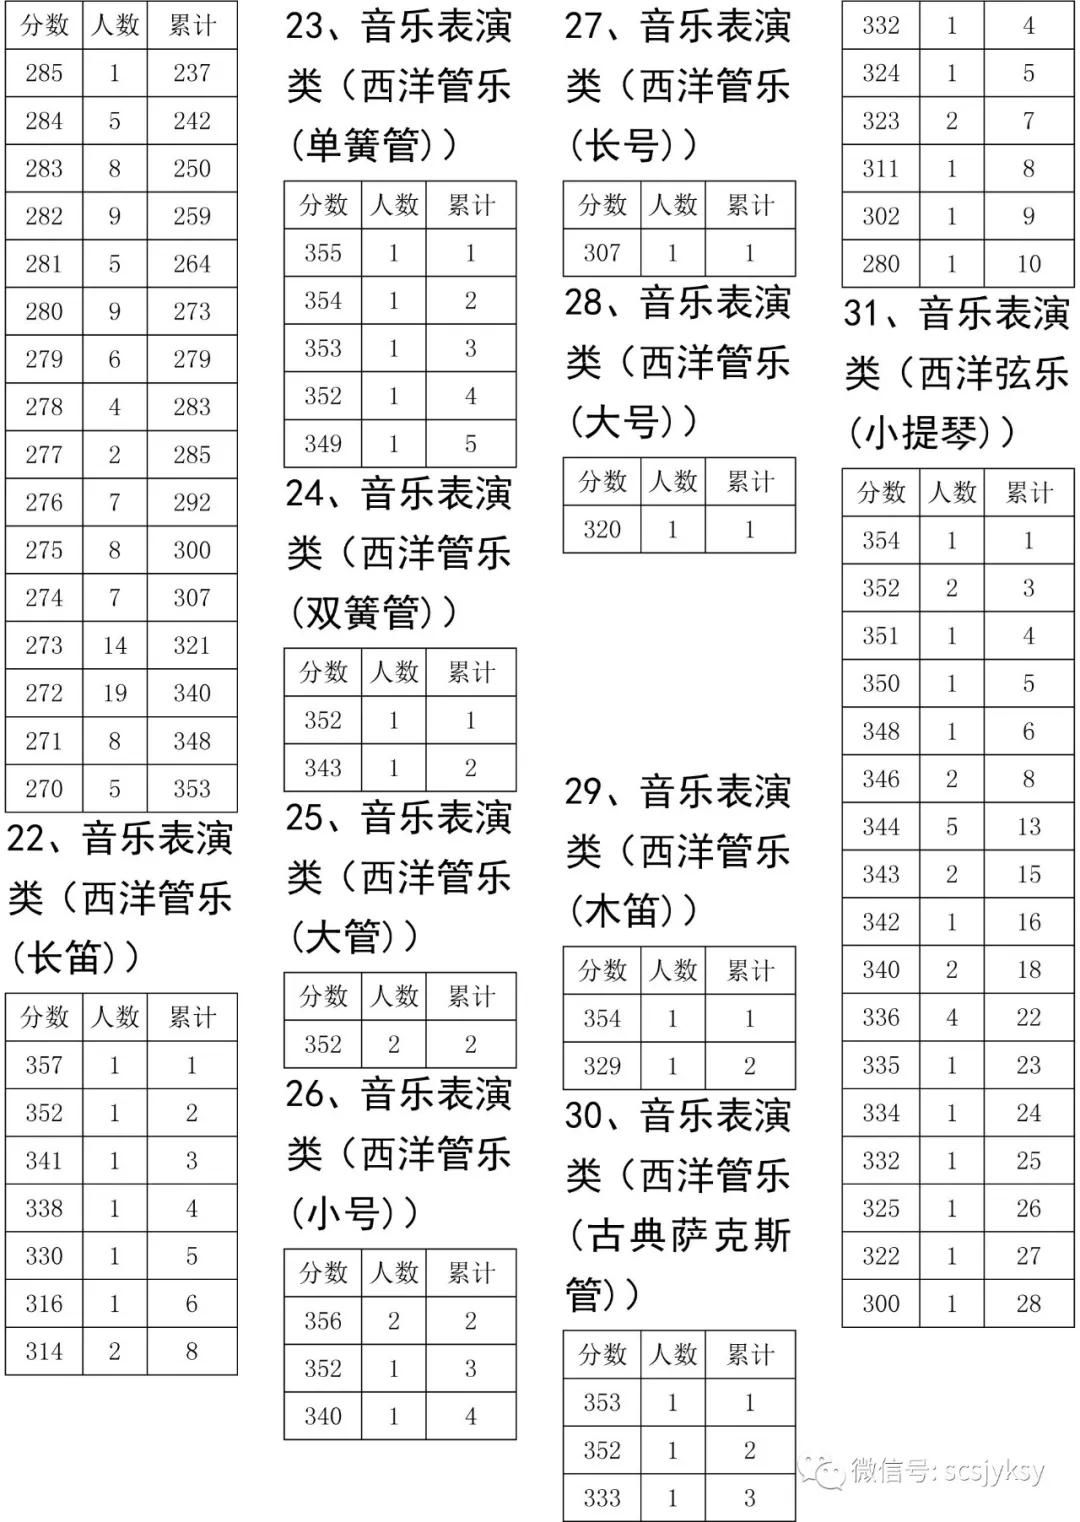 2020年四川高考成绩查询时间几点钟及查询系统入口_高考升学网